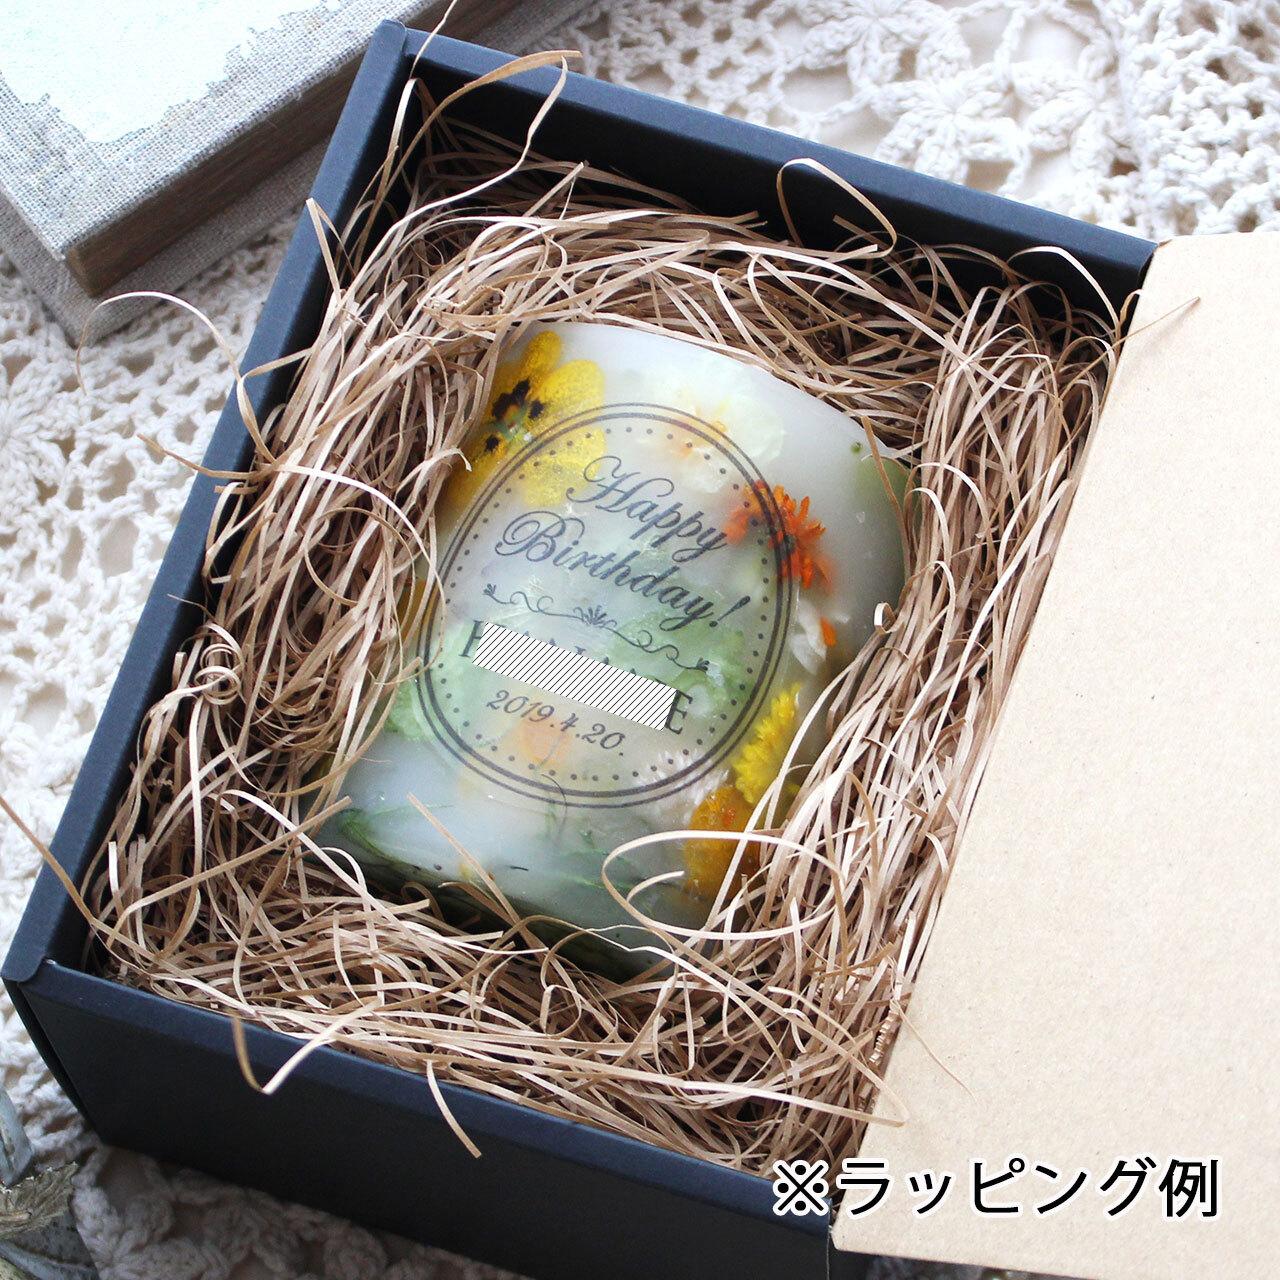 NC232 ギフトラッピング付き☆メッセージ&日付&名入れボタニカルキャンドル プリザーブドローズ